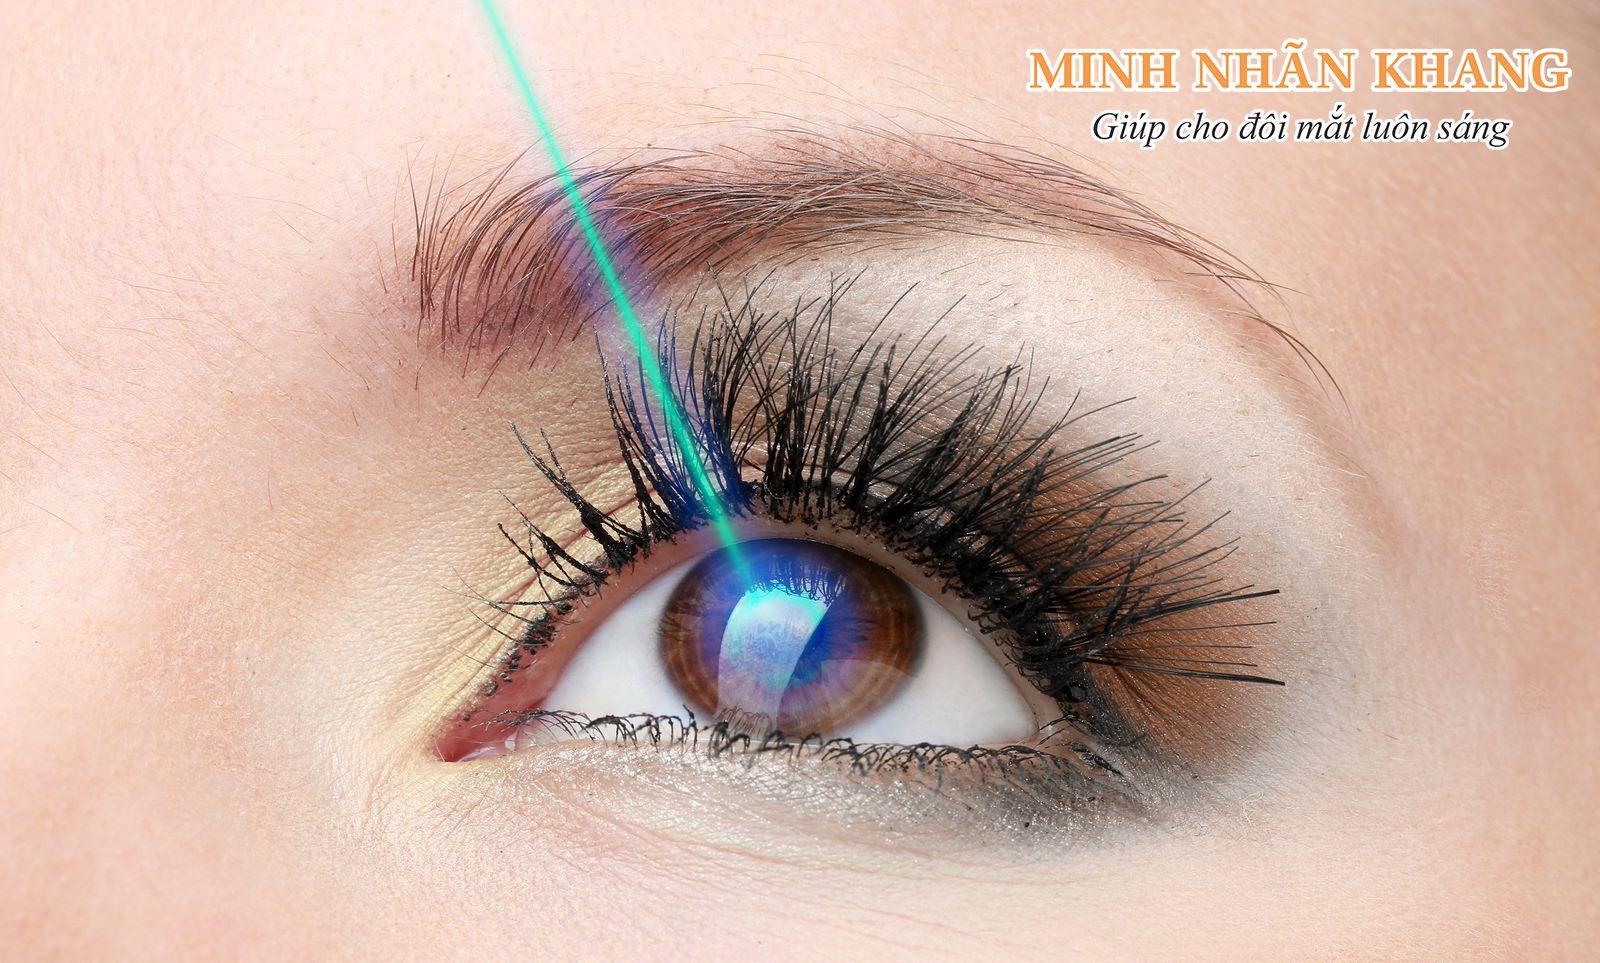 Cách điều trị thoái hóa điểm vàng bằng phương pháp phẫu thuật laser ( Laser quang đông)